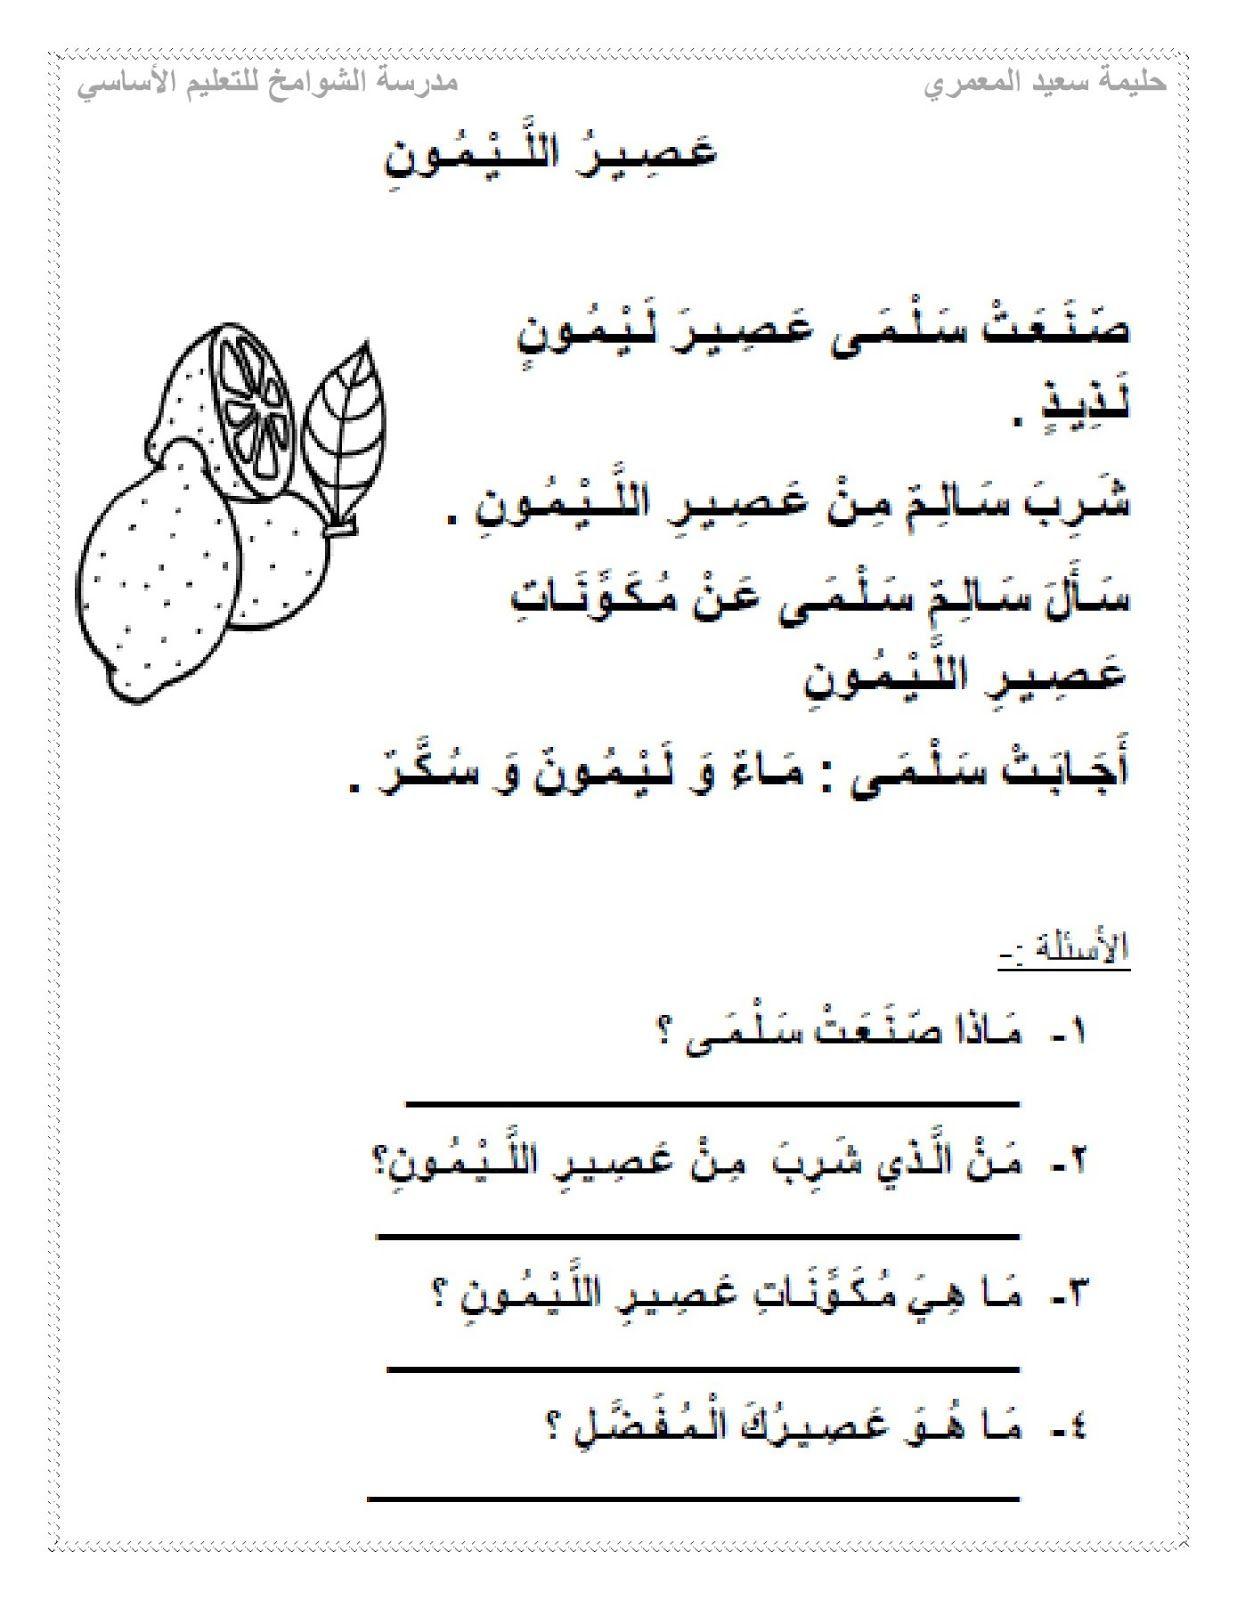 قصص قصيرة للأطفال مع اسئلة مباشرة بعد كل قصة Learn Arabic Alphabet Learning Arabic Words